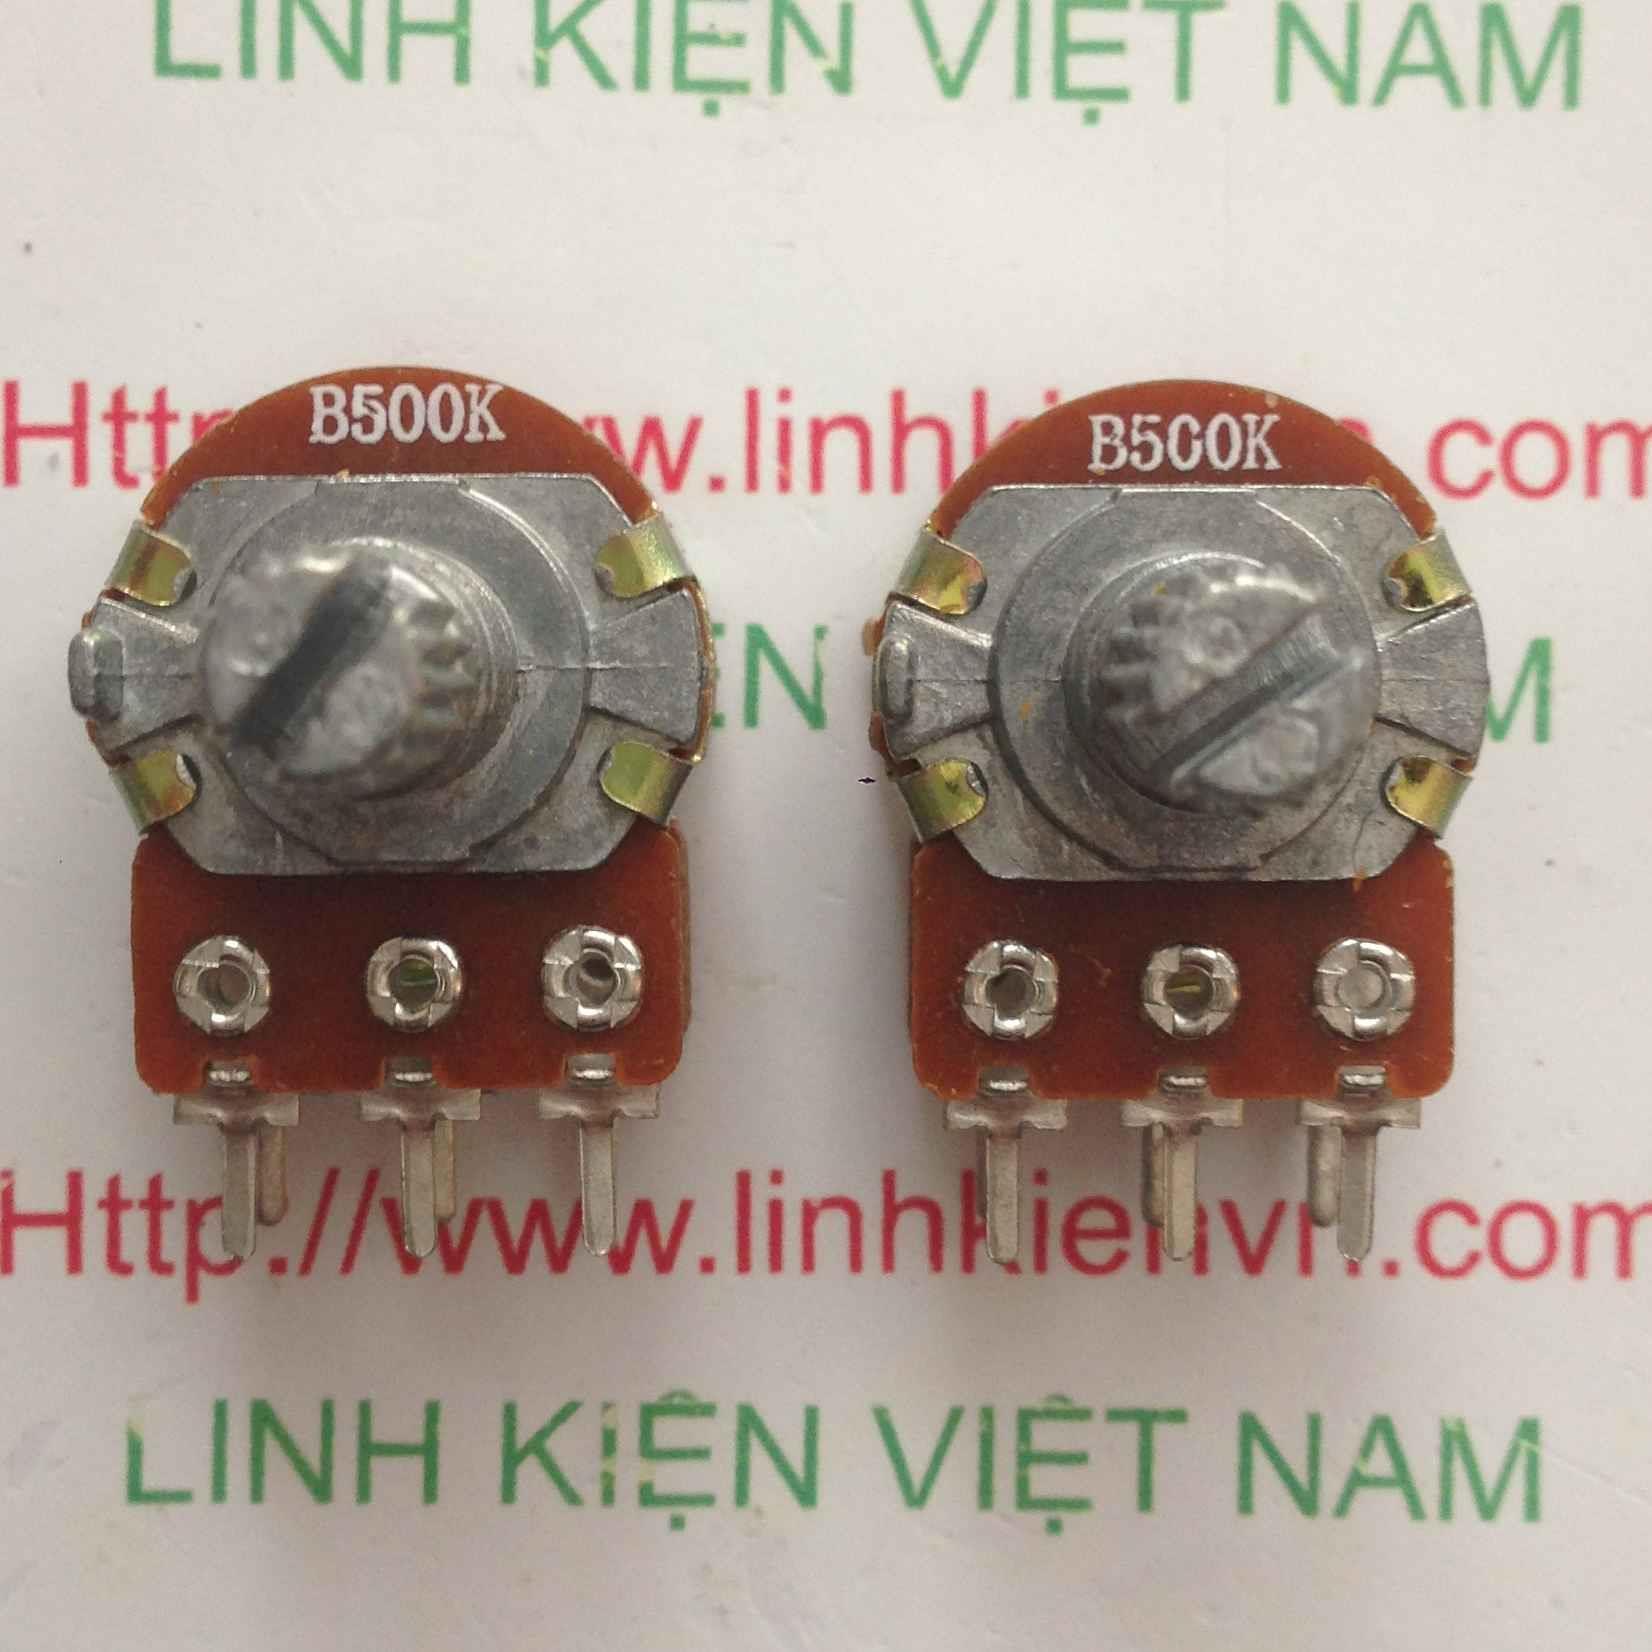 CHIẾT ÁP ĐÔI 500K | BIẾN TRỞ ĐÔI 500K WH148-2 15mm - A5H11